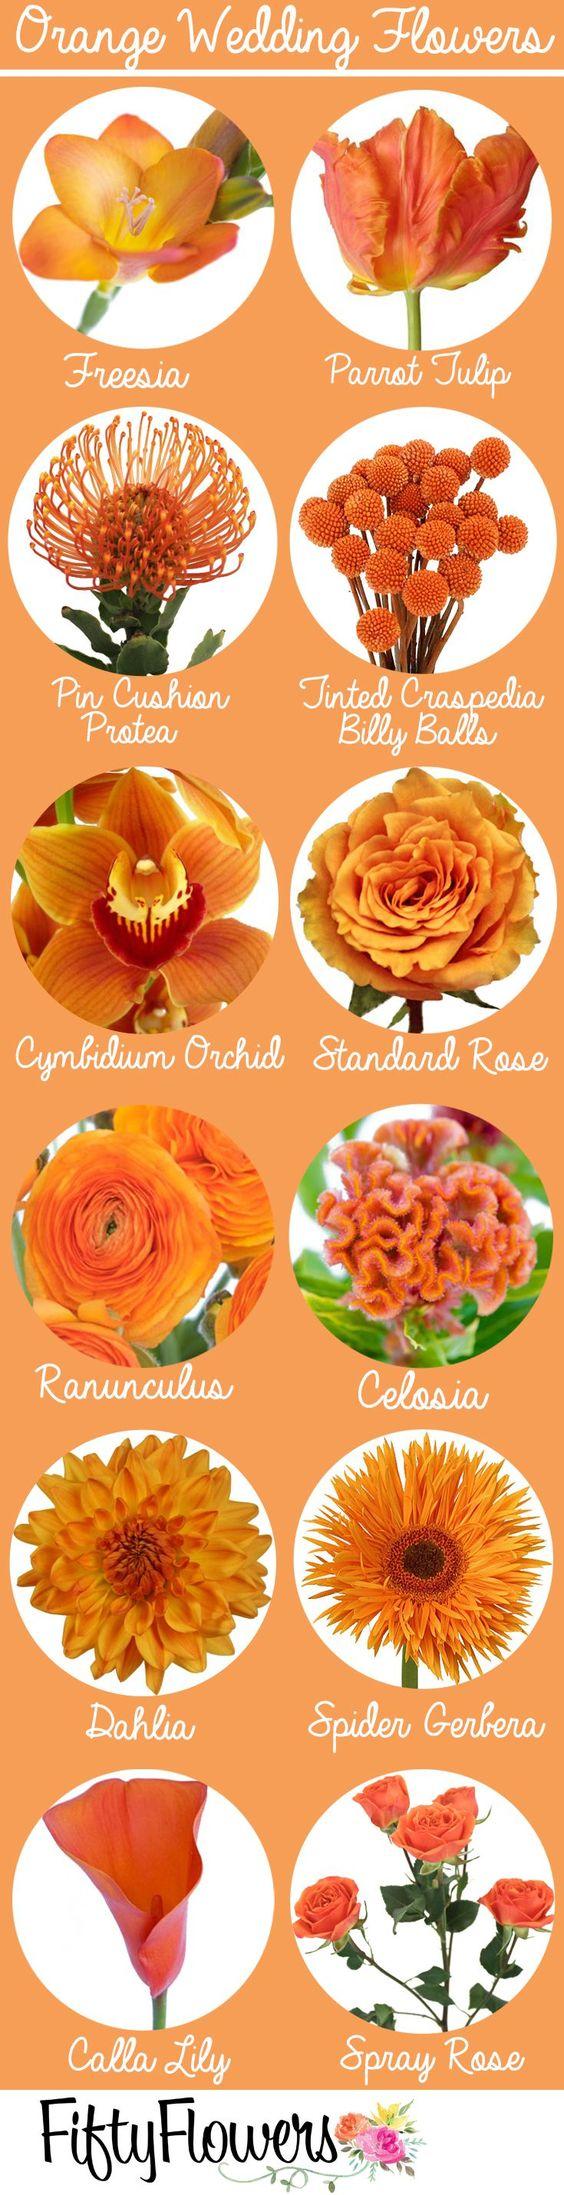 Fiori Arancioni.Fiori Per Colore Il Giallo E L Arancione Organizzazione